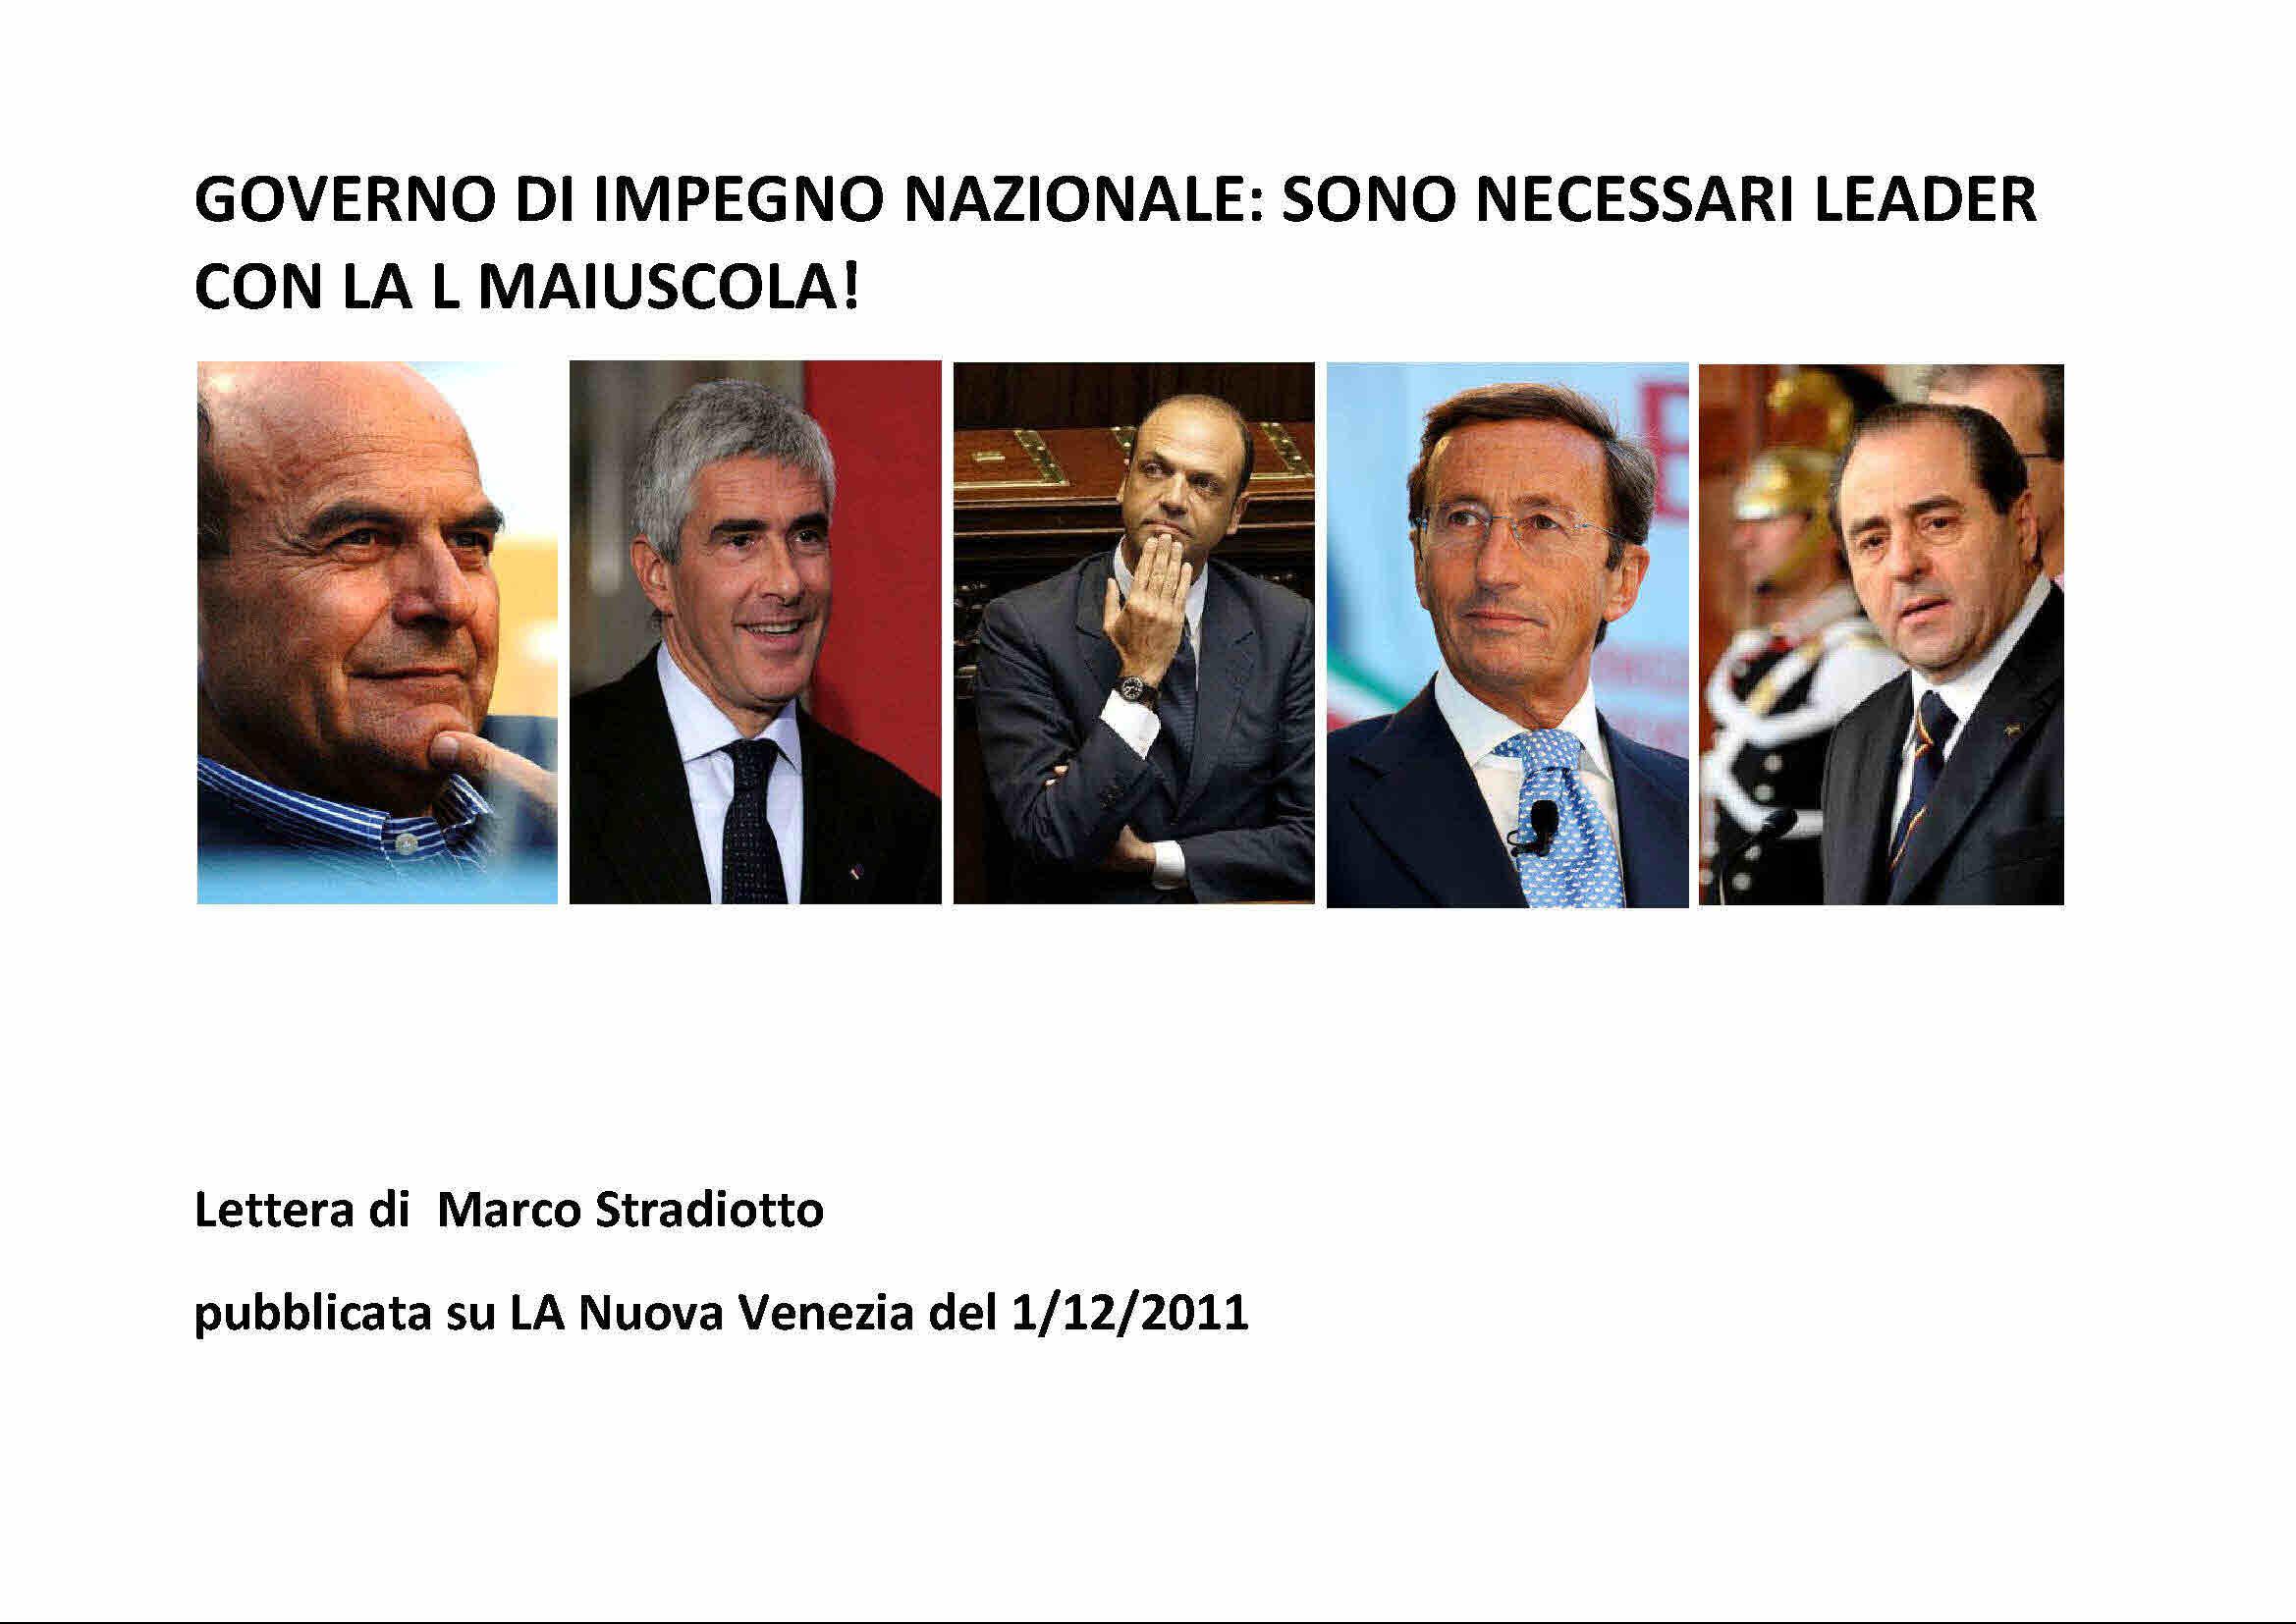 GOVERNO DI IMPEGNO NAZIONALE: SONO NECESSARI LEADER CON LA L MAIUSCOLA!